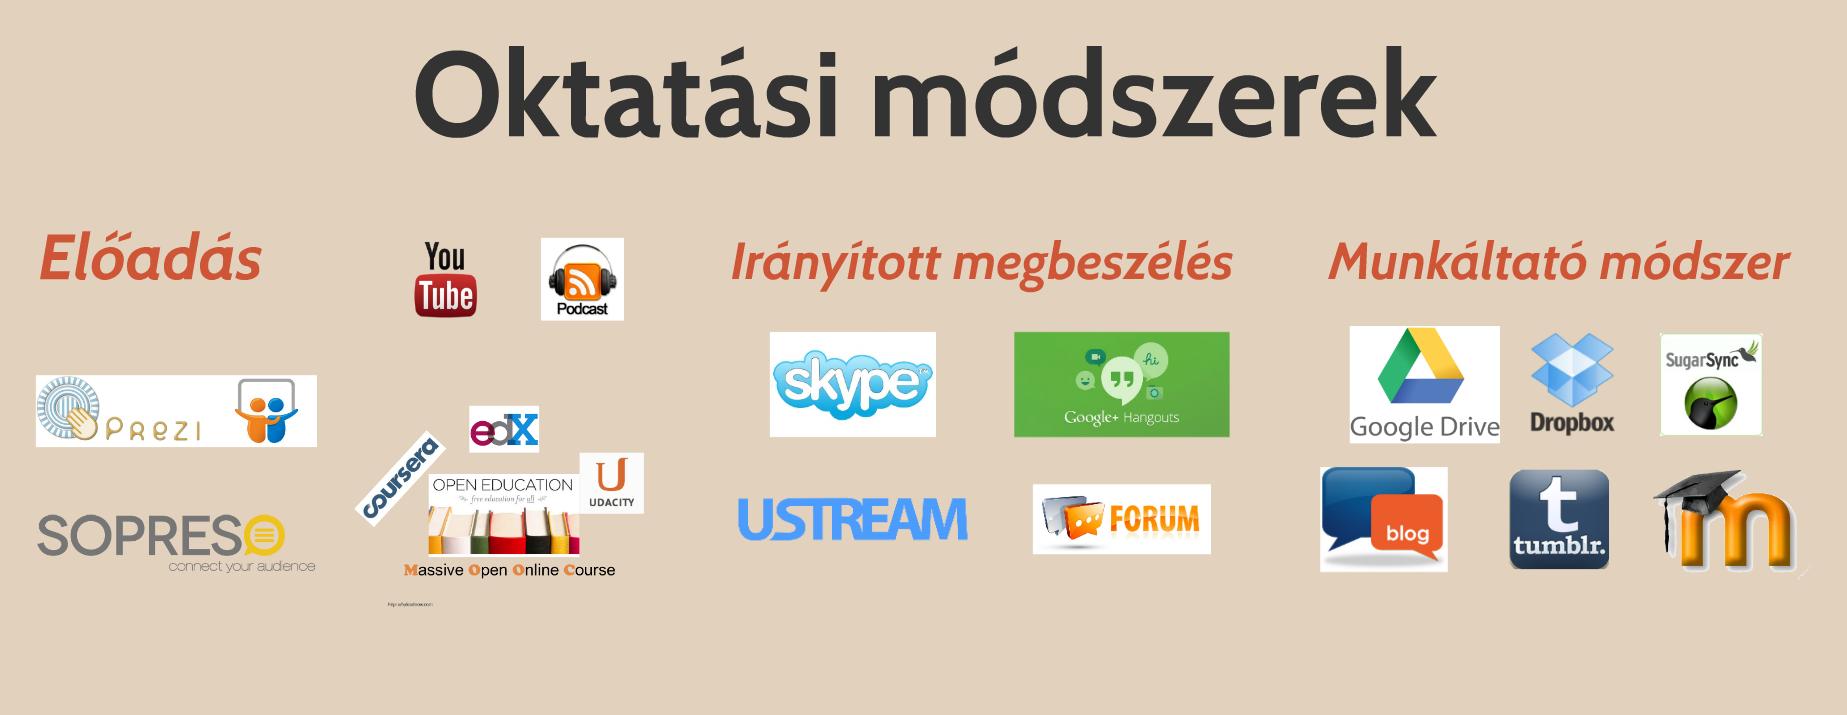 oktatasi_modszerek_hl.png